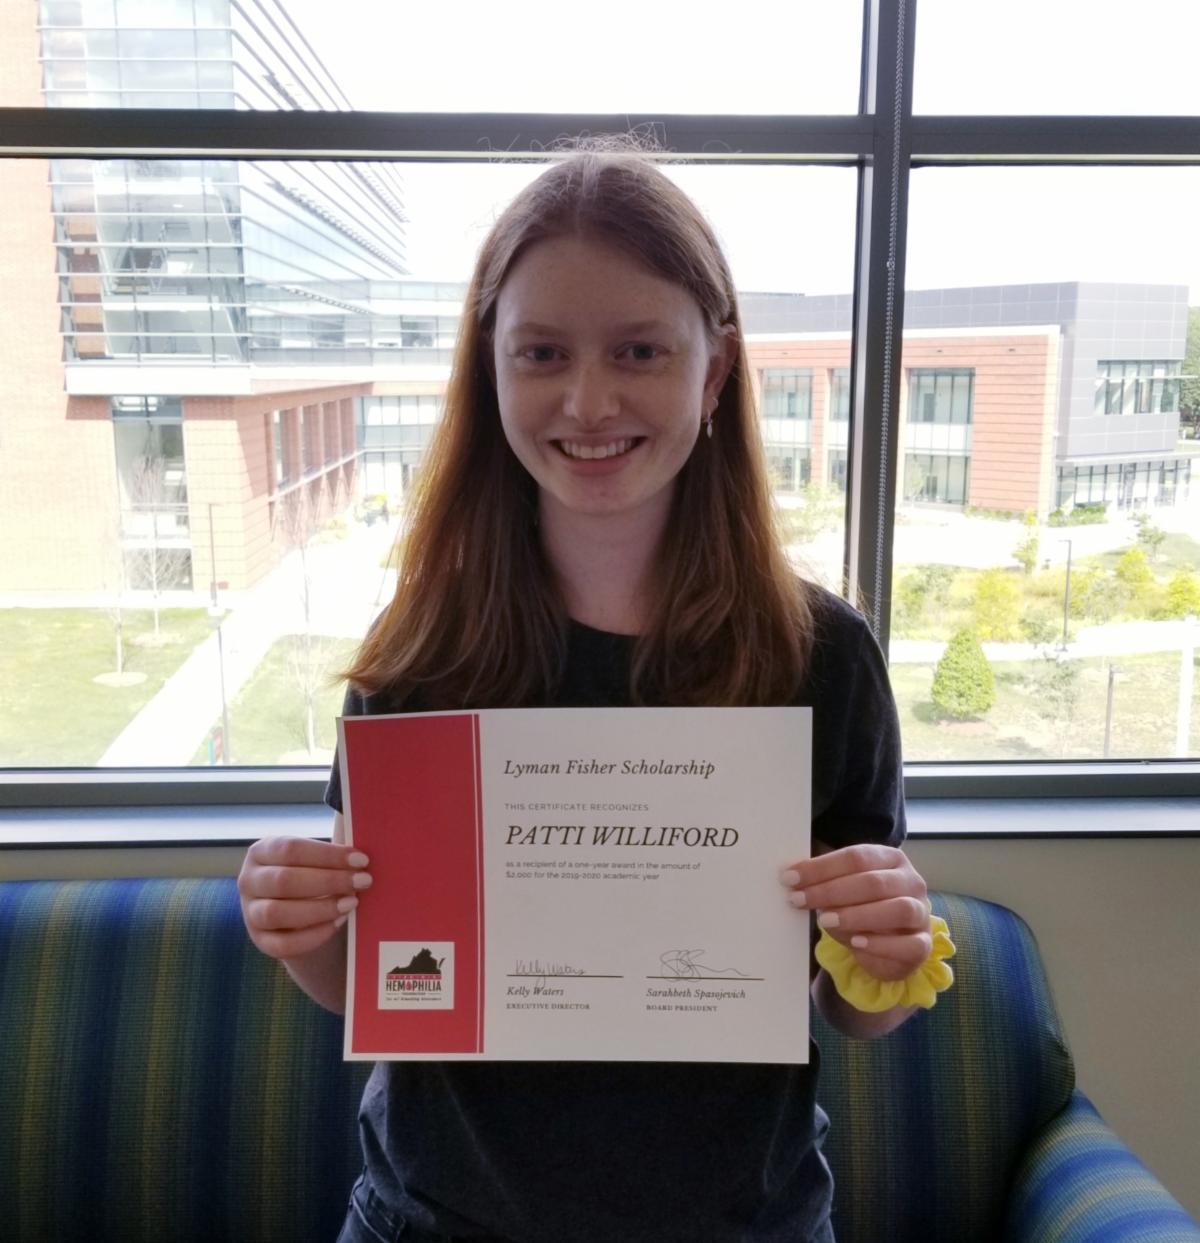 Patti Williford - Lyman Fisher Scholarship